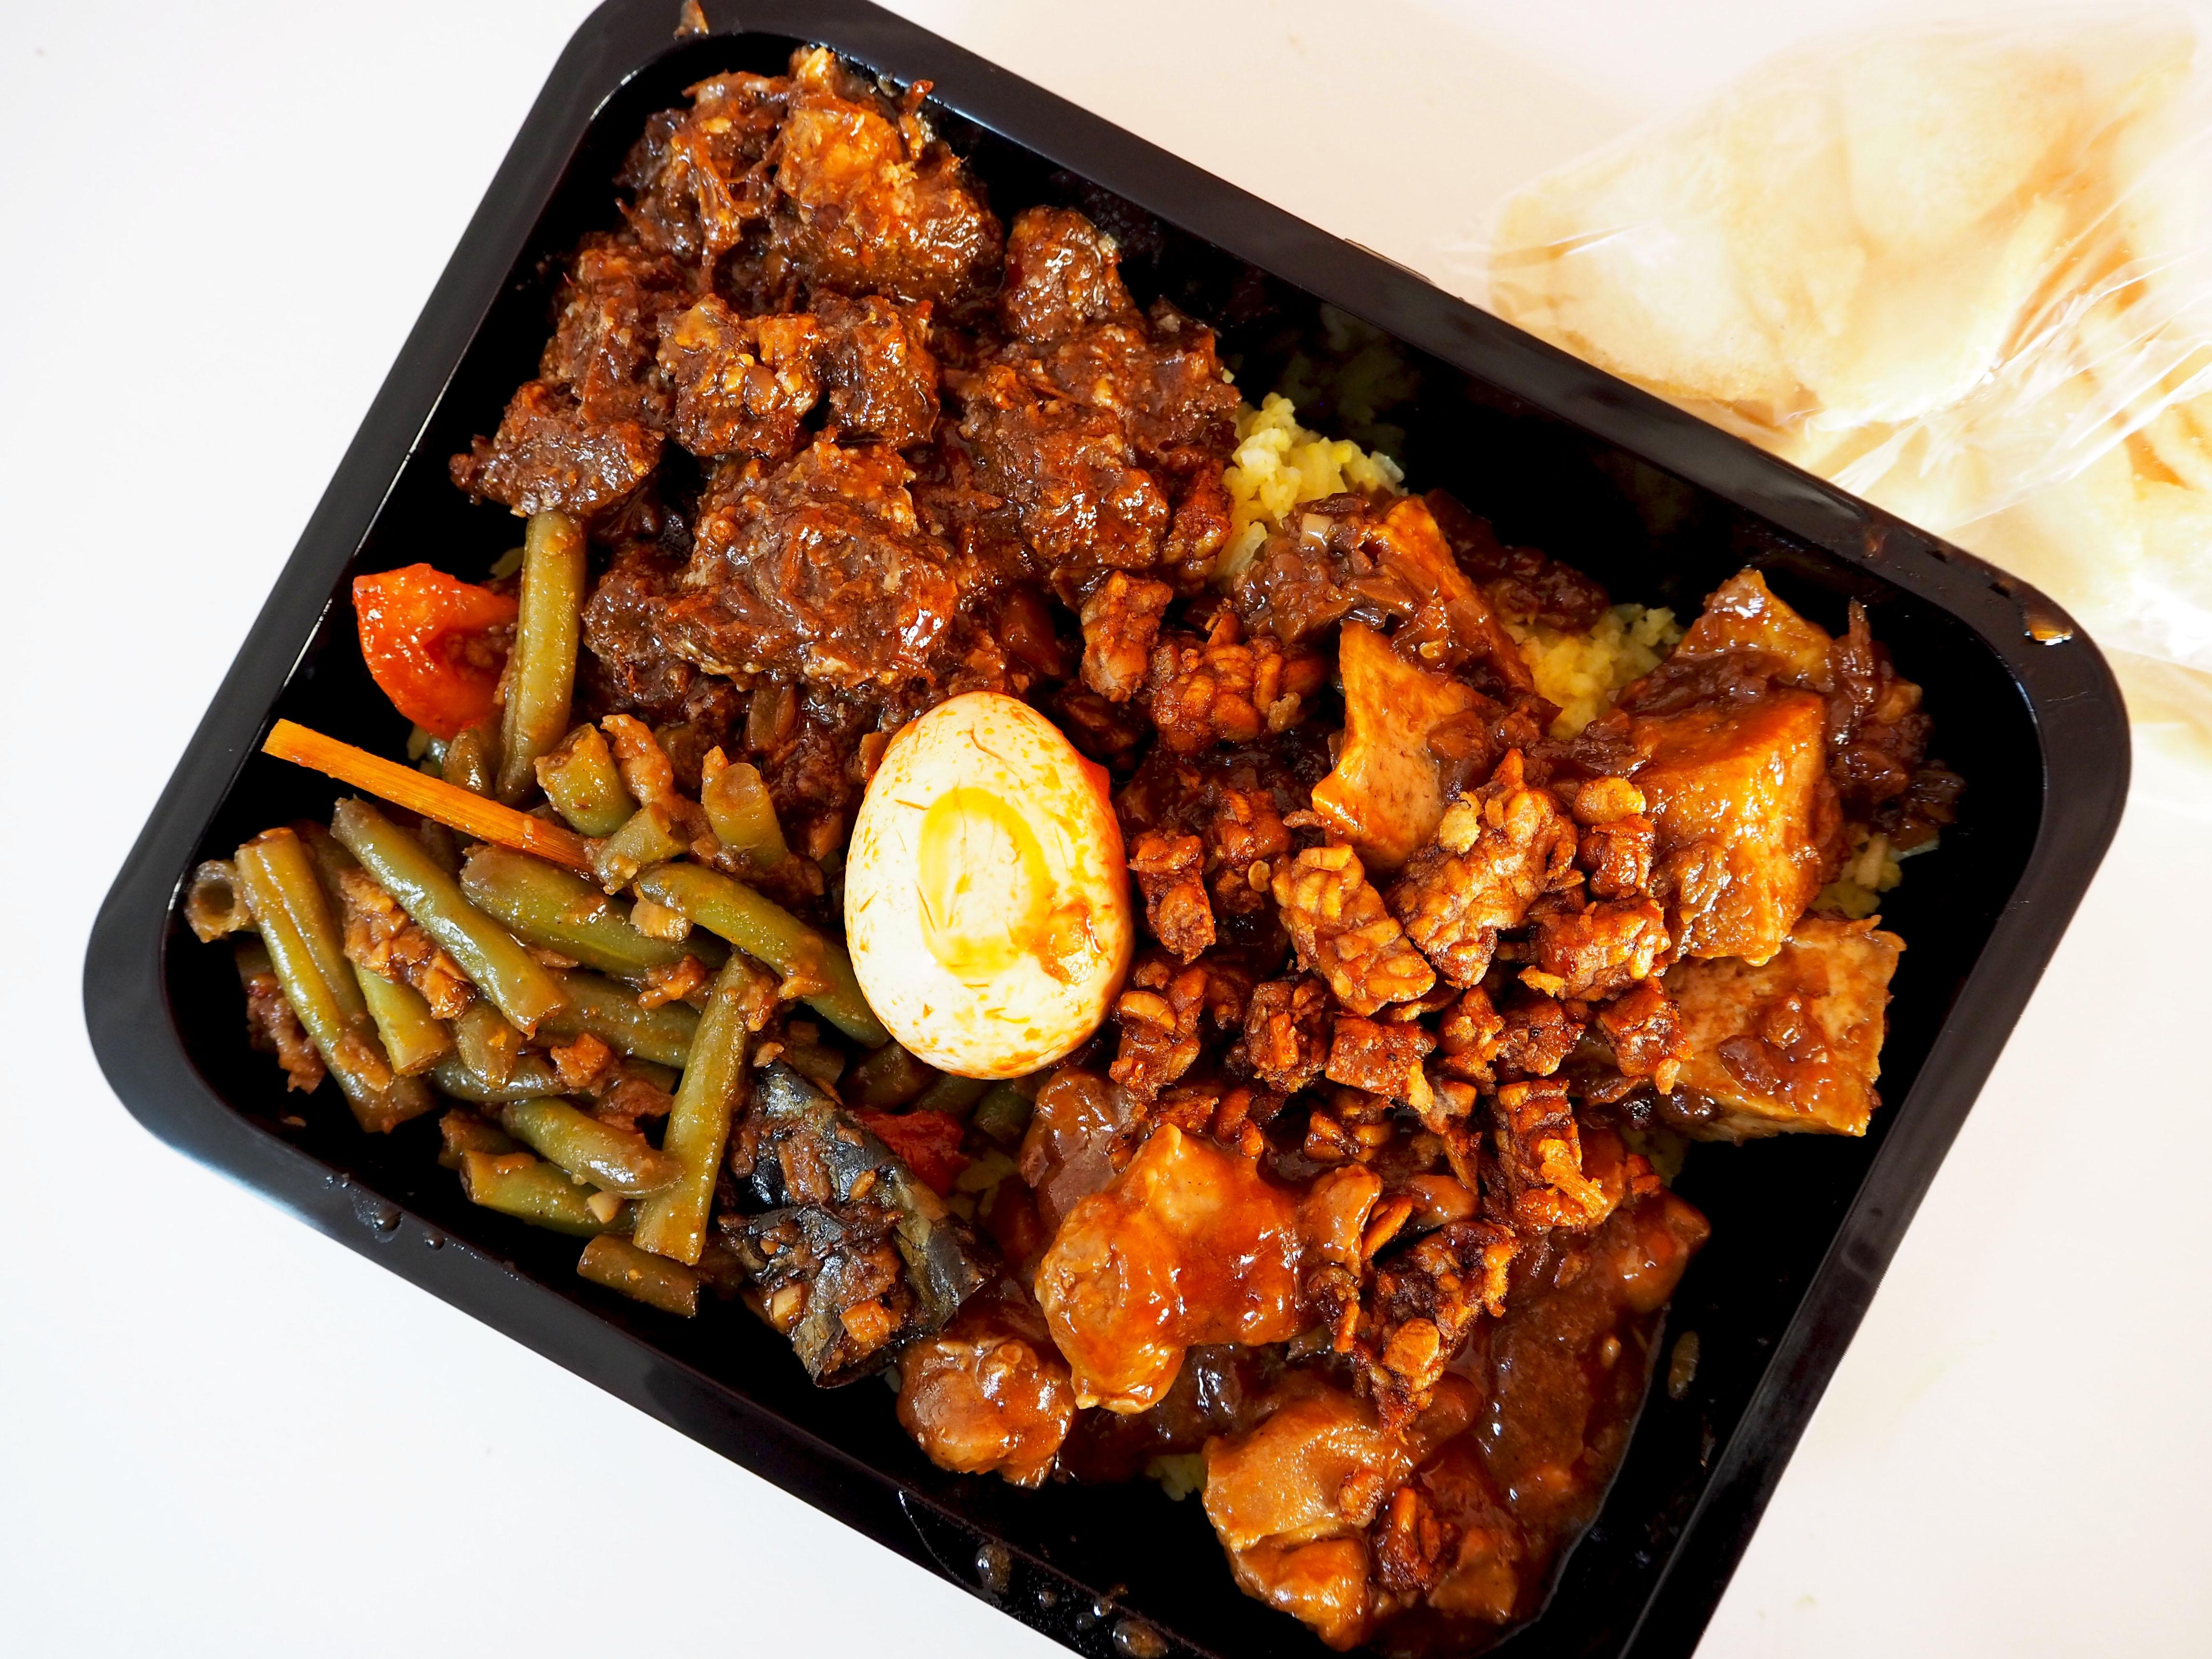 toko naga indische maaltijd